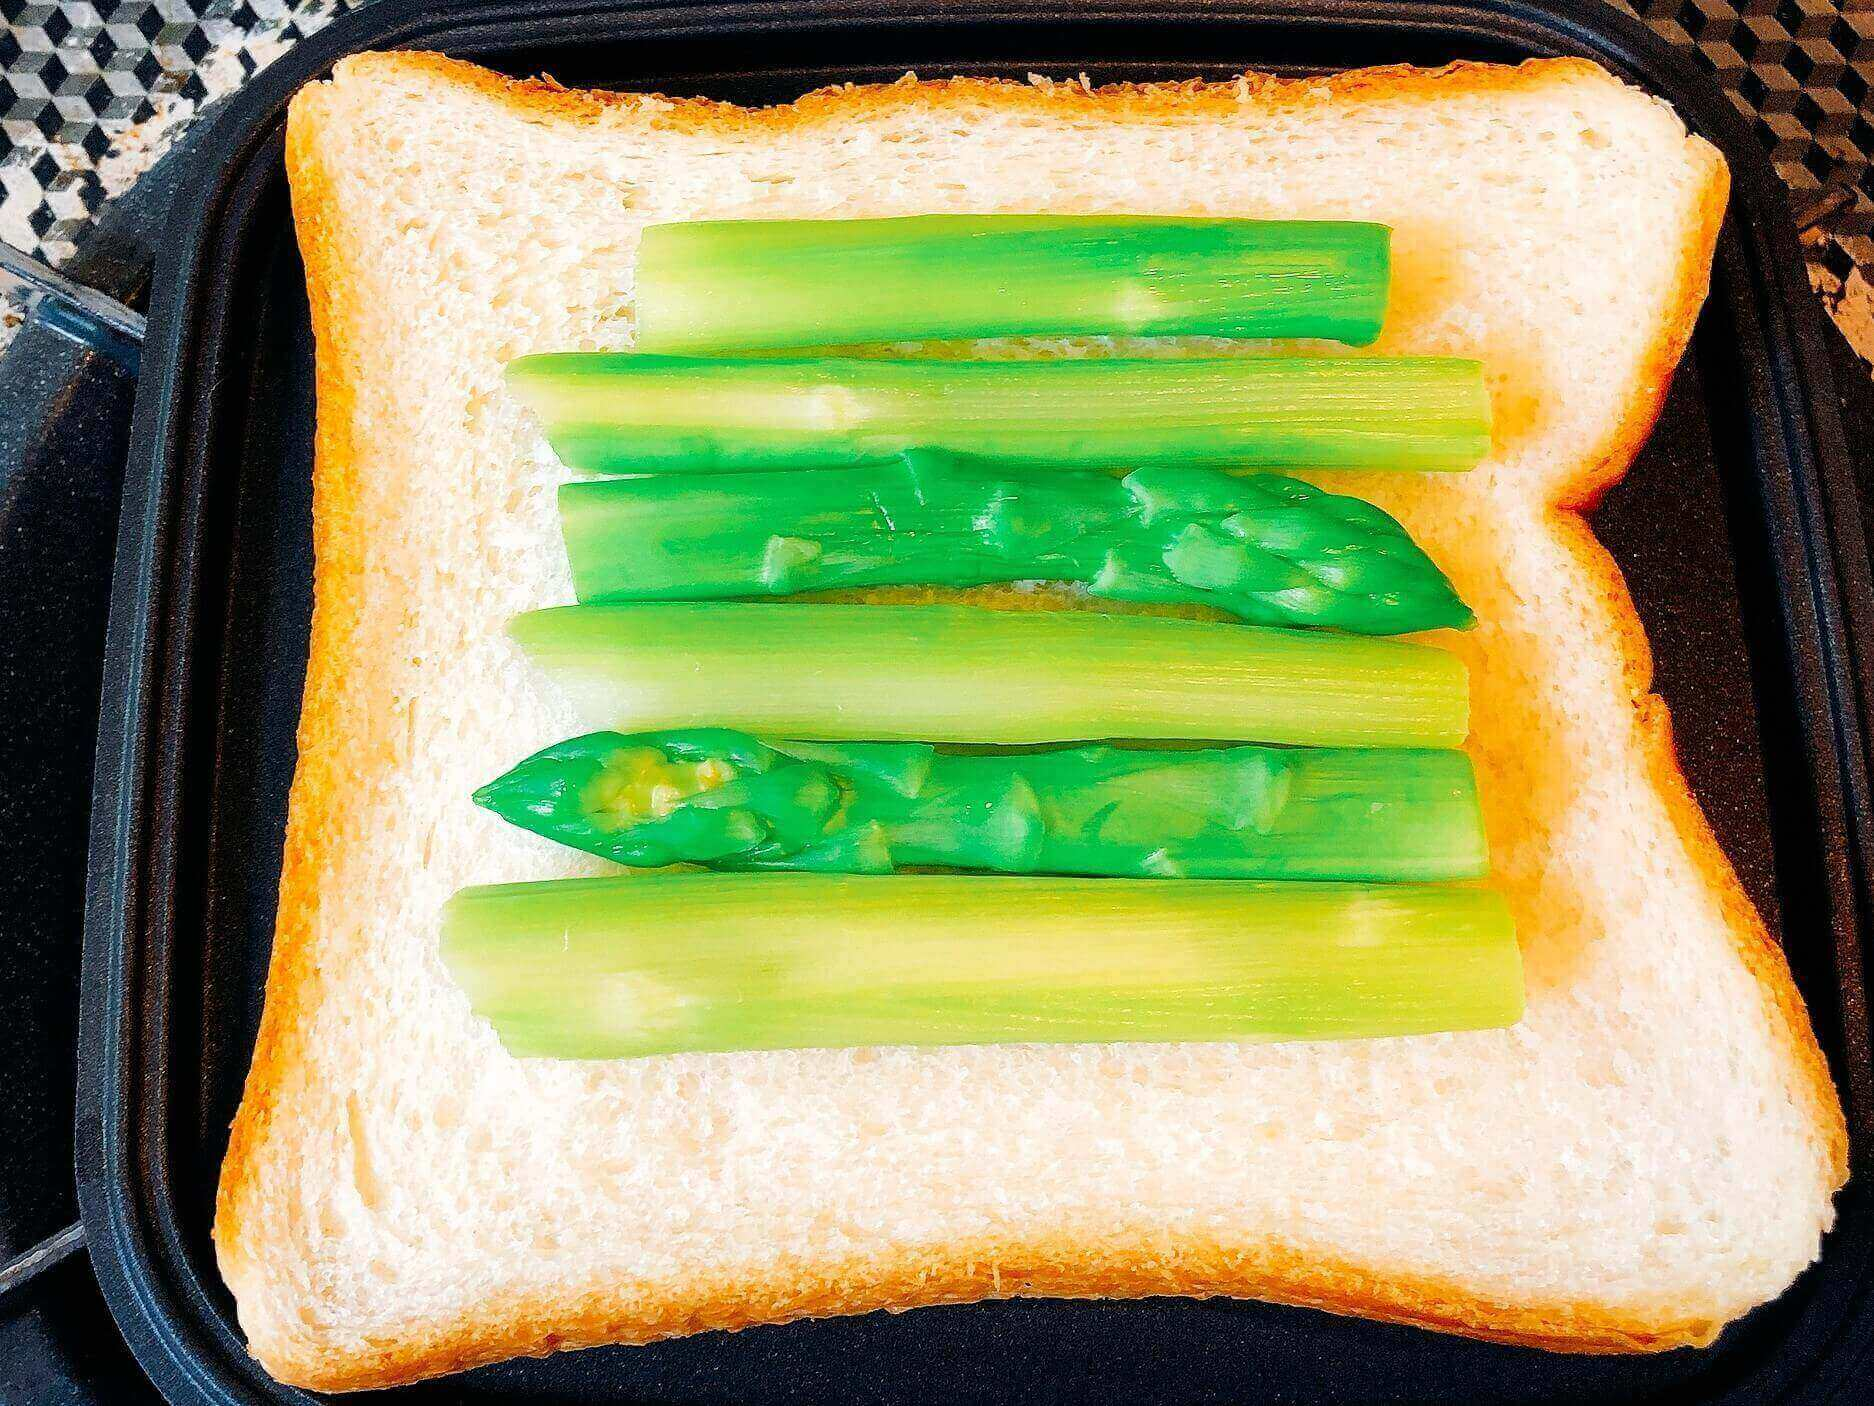 ツナとアスパラチーズのホットサンド、パンにアスパラをおく